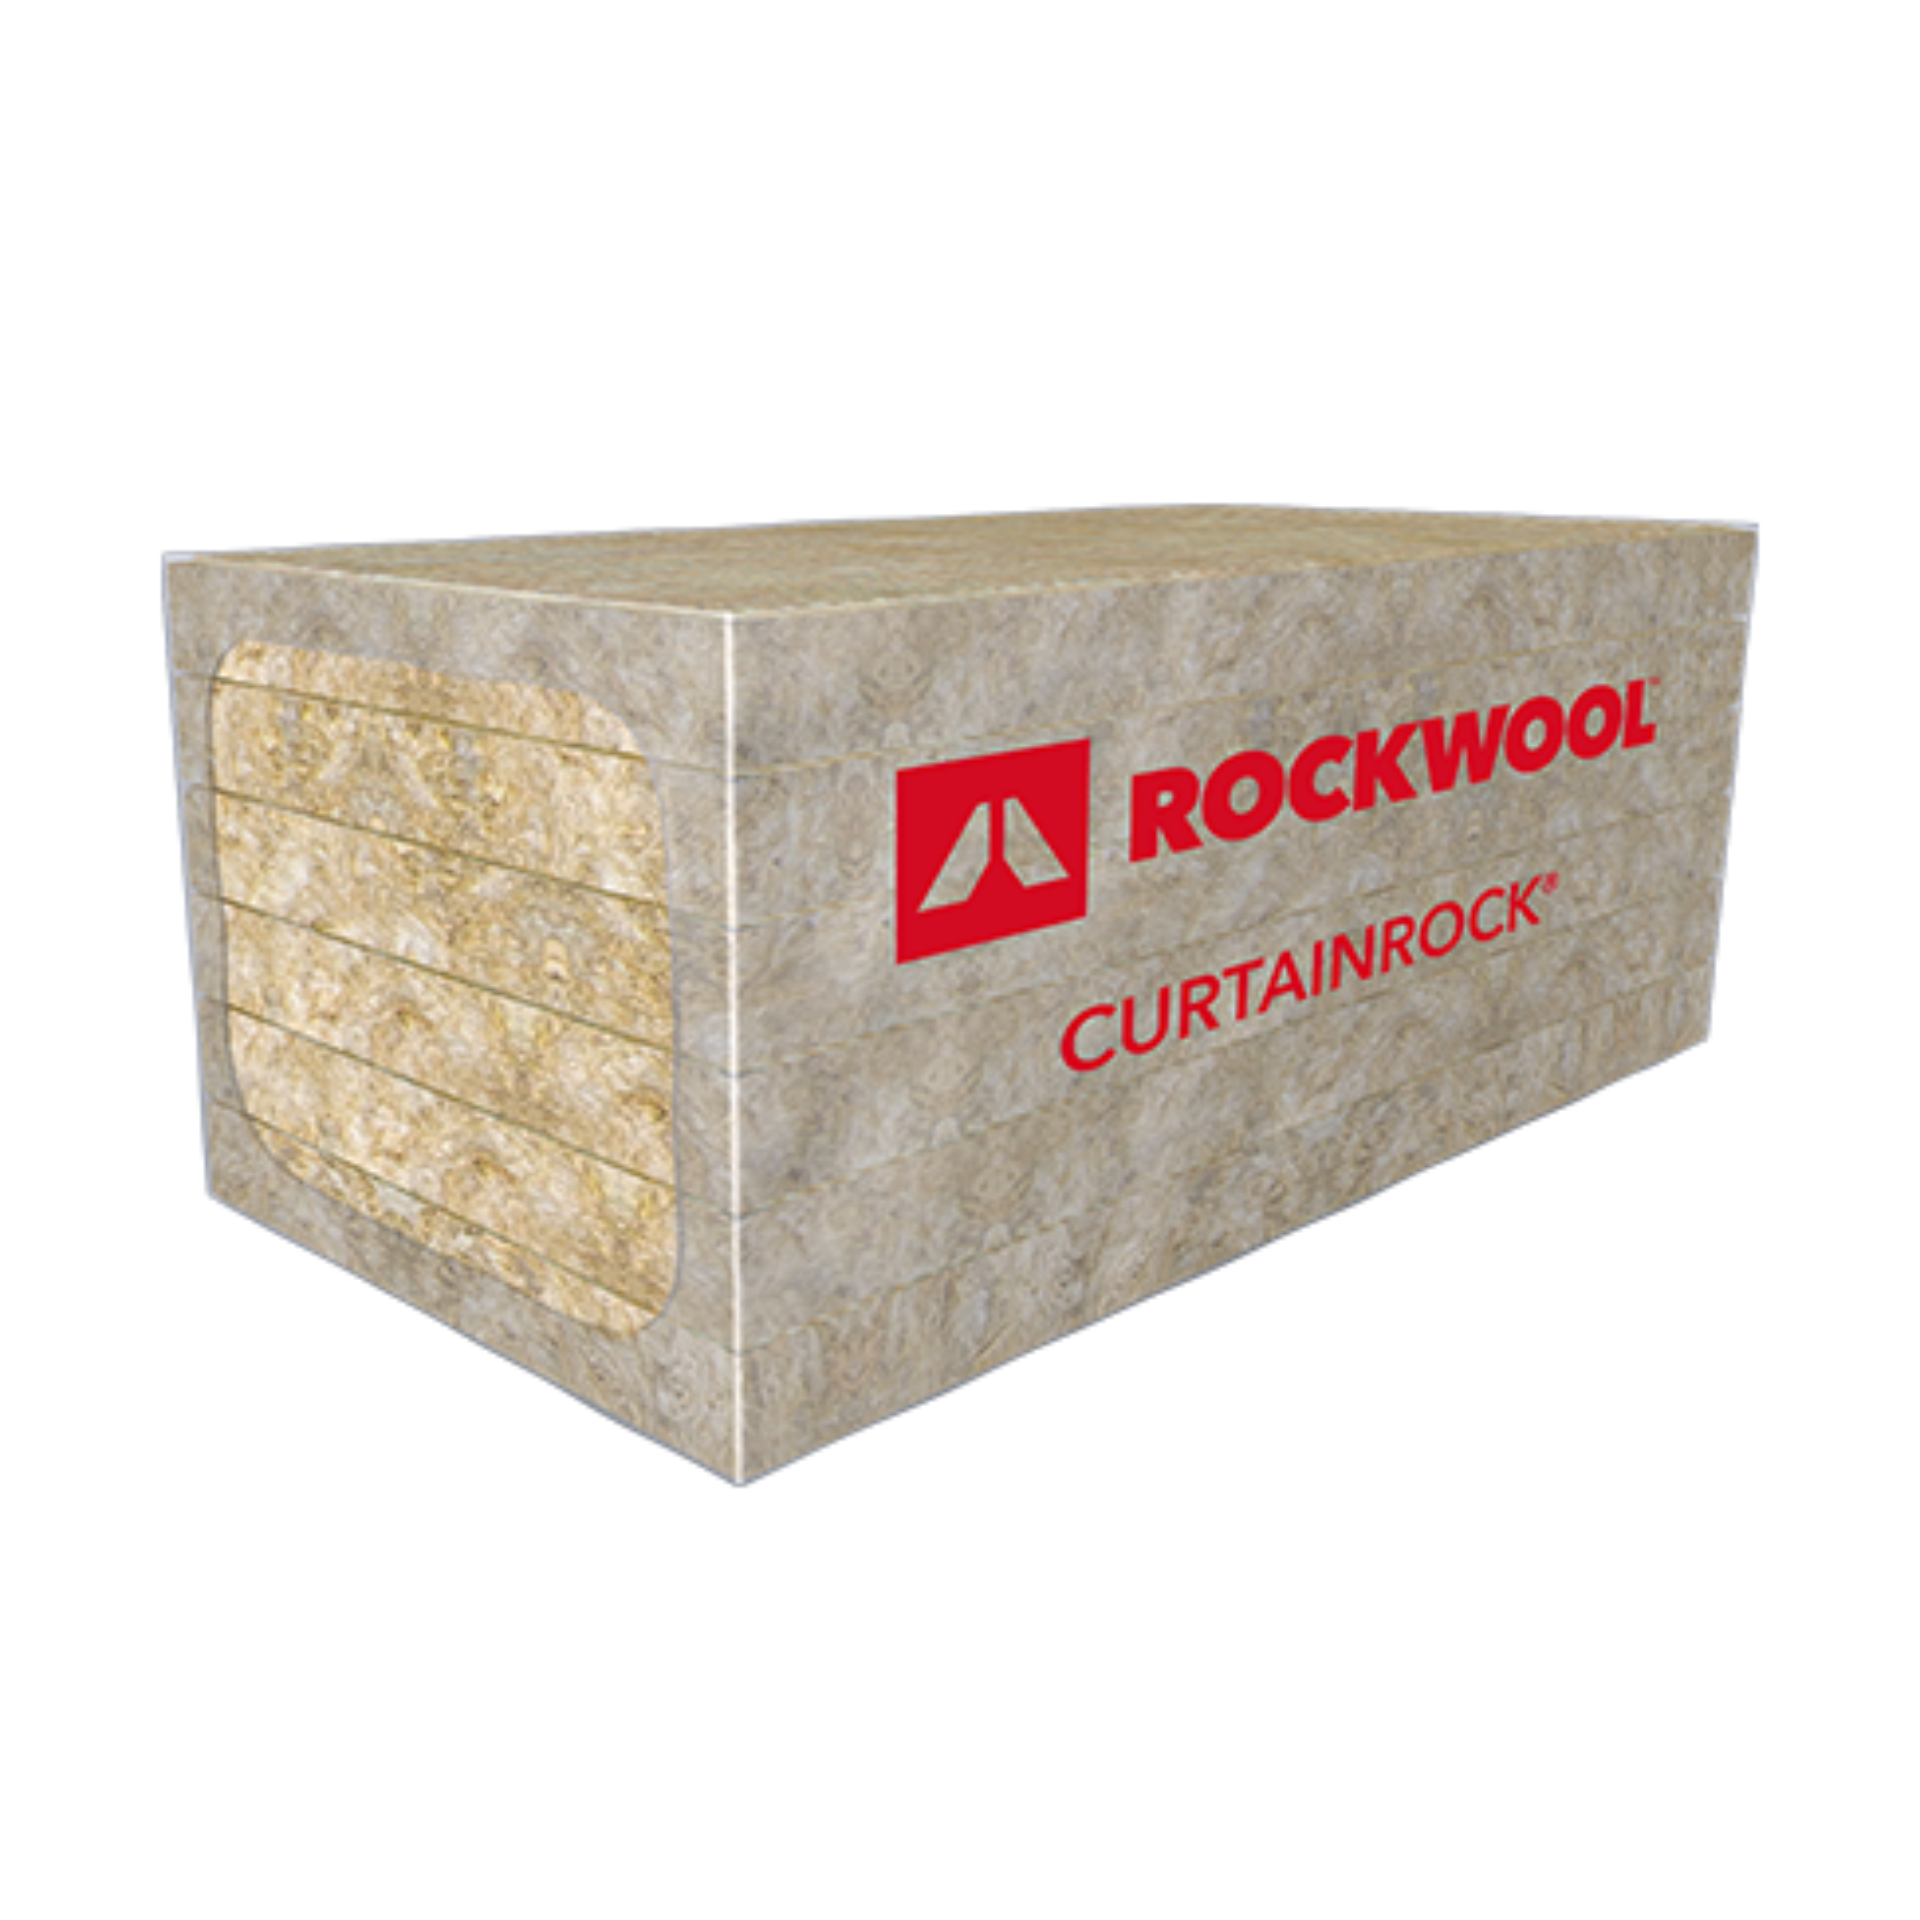 ROCKWOOL Curtainrock